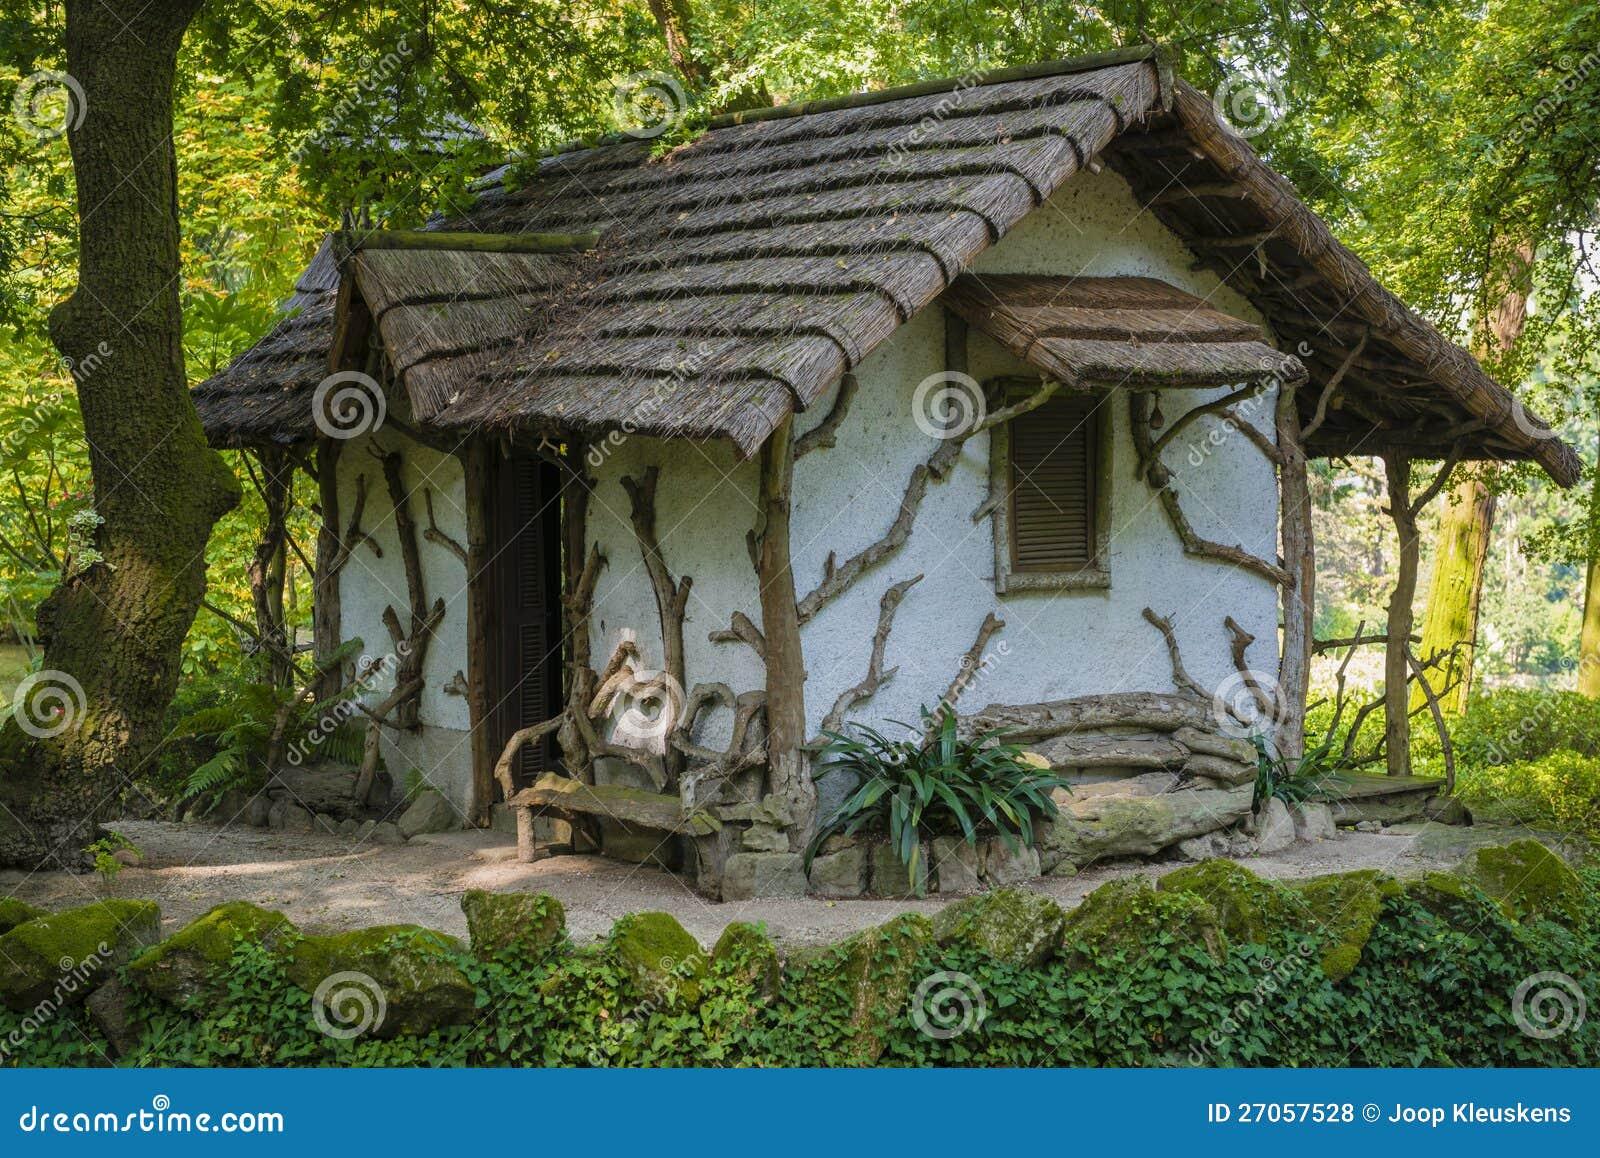 unique garden house royalty free stock photos   image